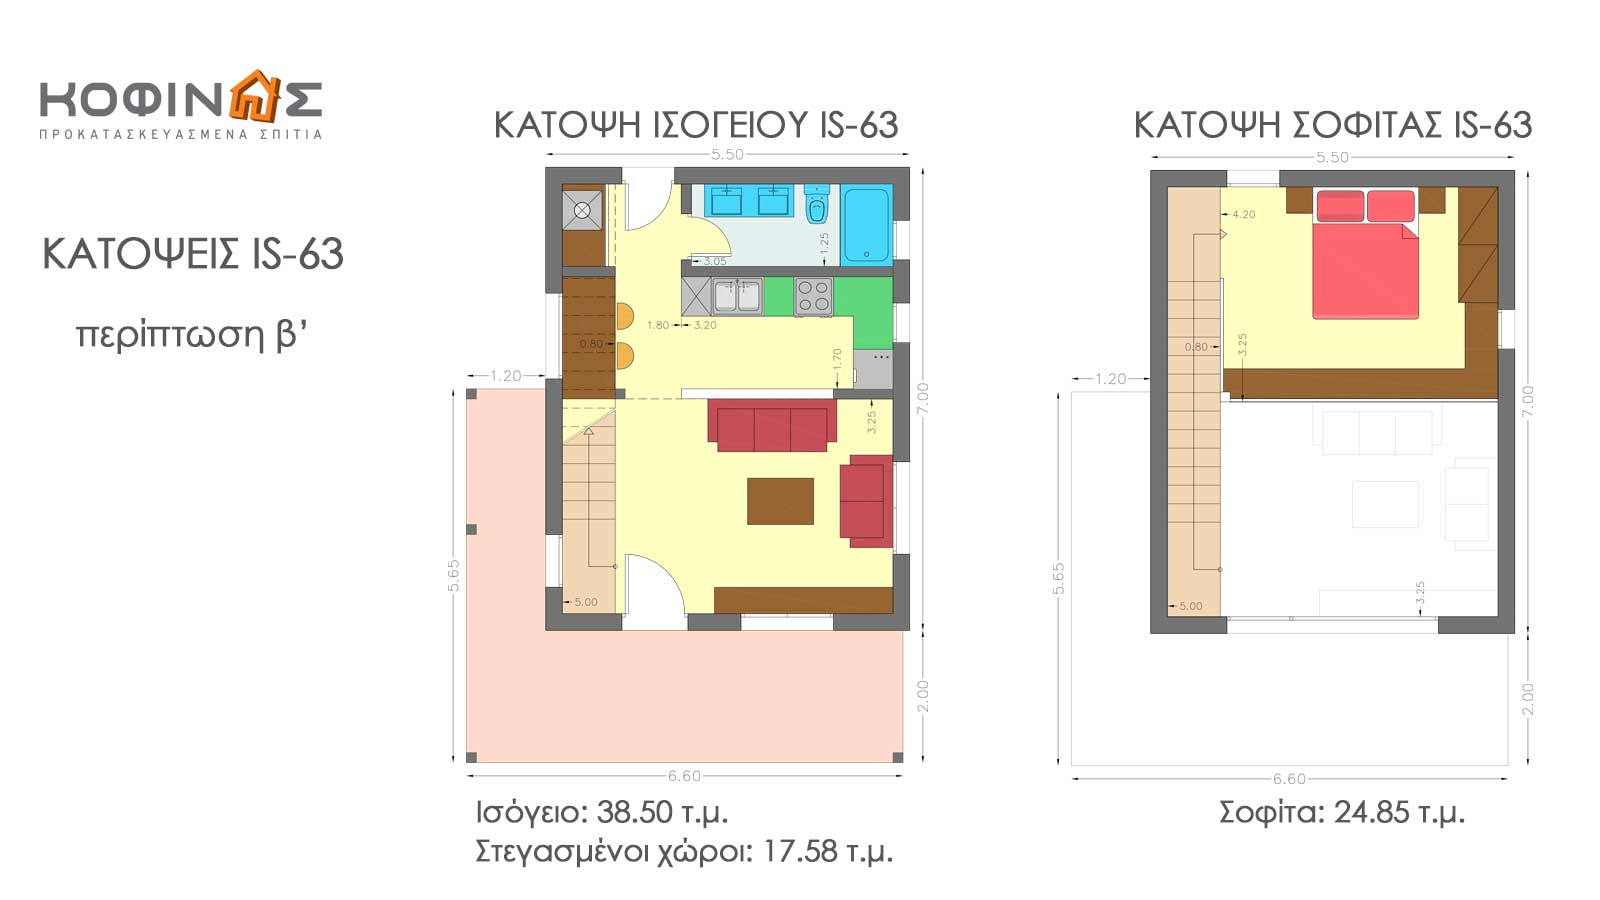 Ισόγεια Κατοικία με Σοφίτα IS-63, συνολικής επιφάνειας 63,35 τ.μ.